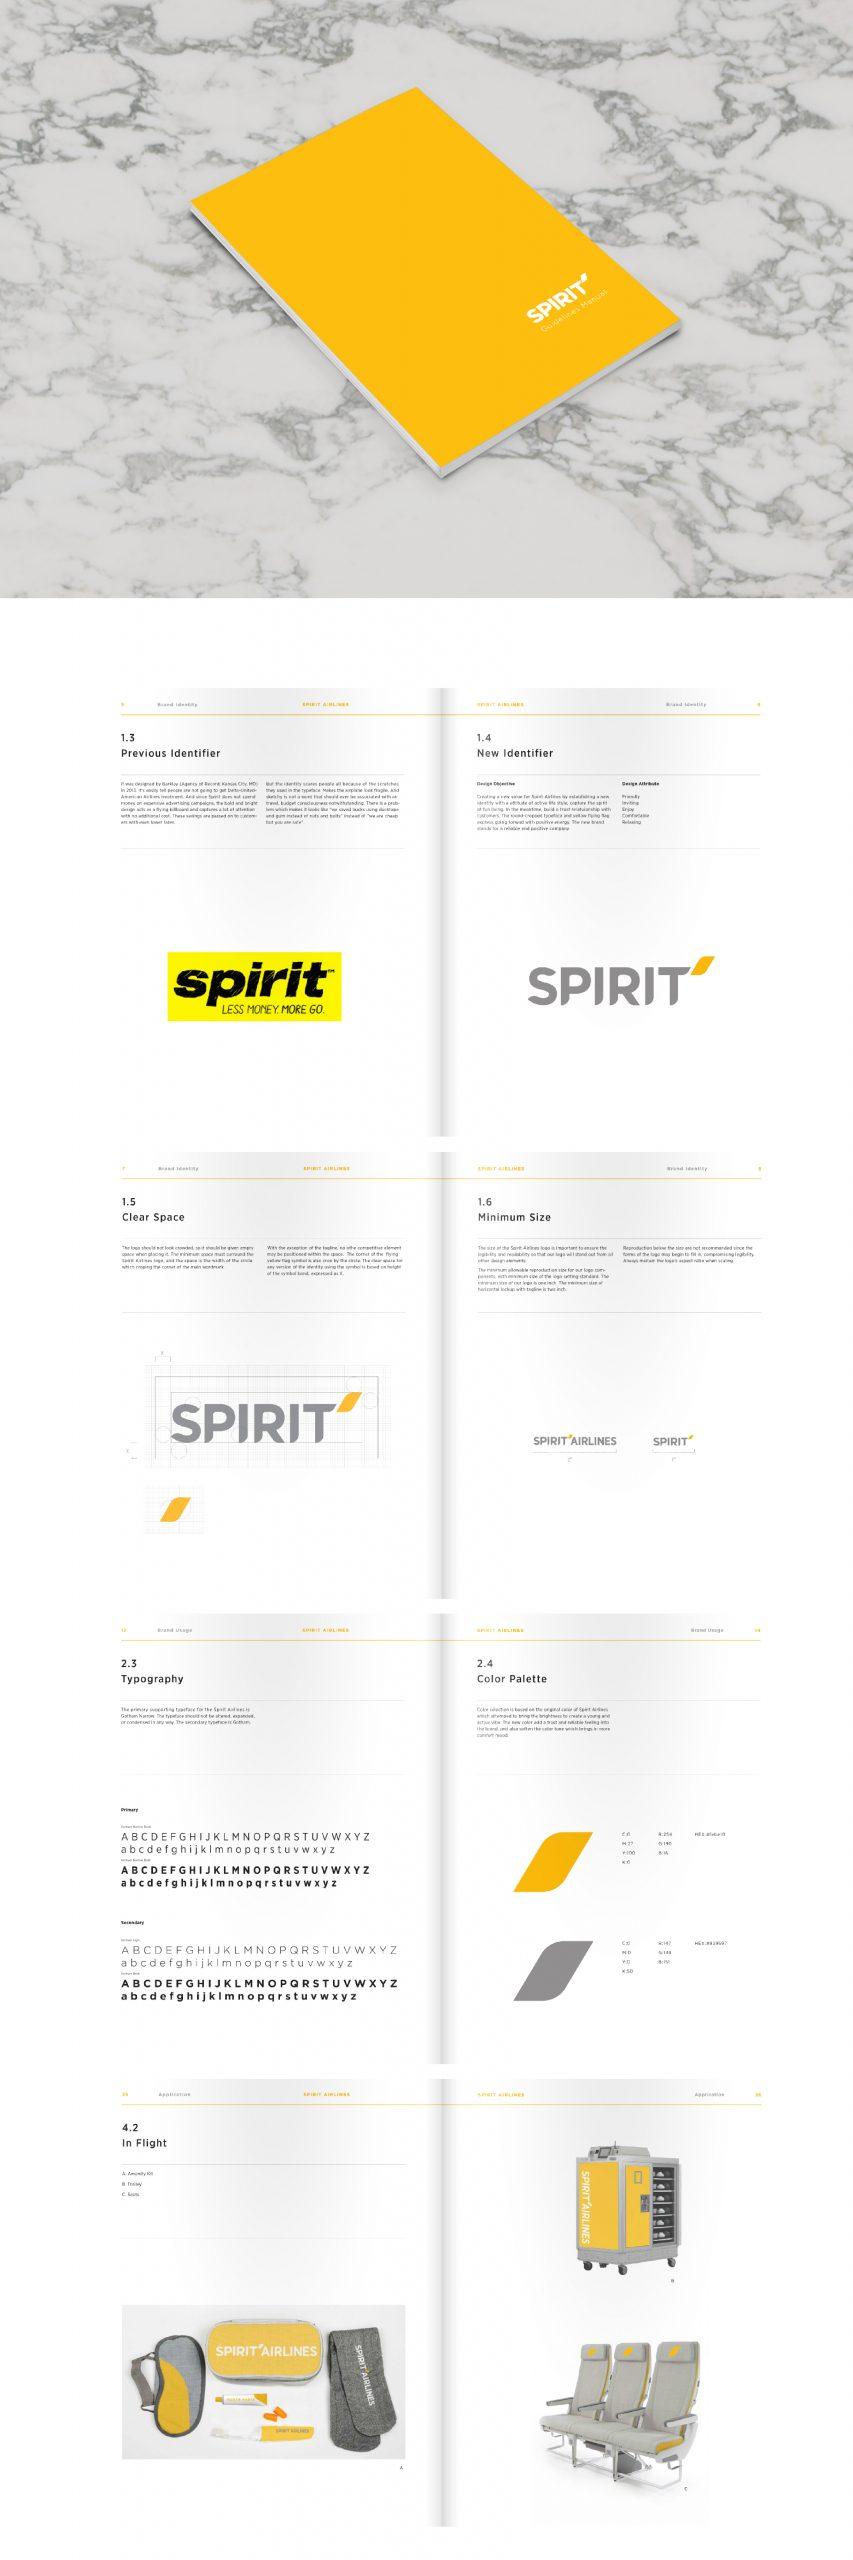 Spirit_for website